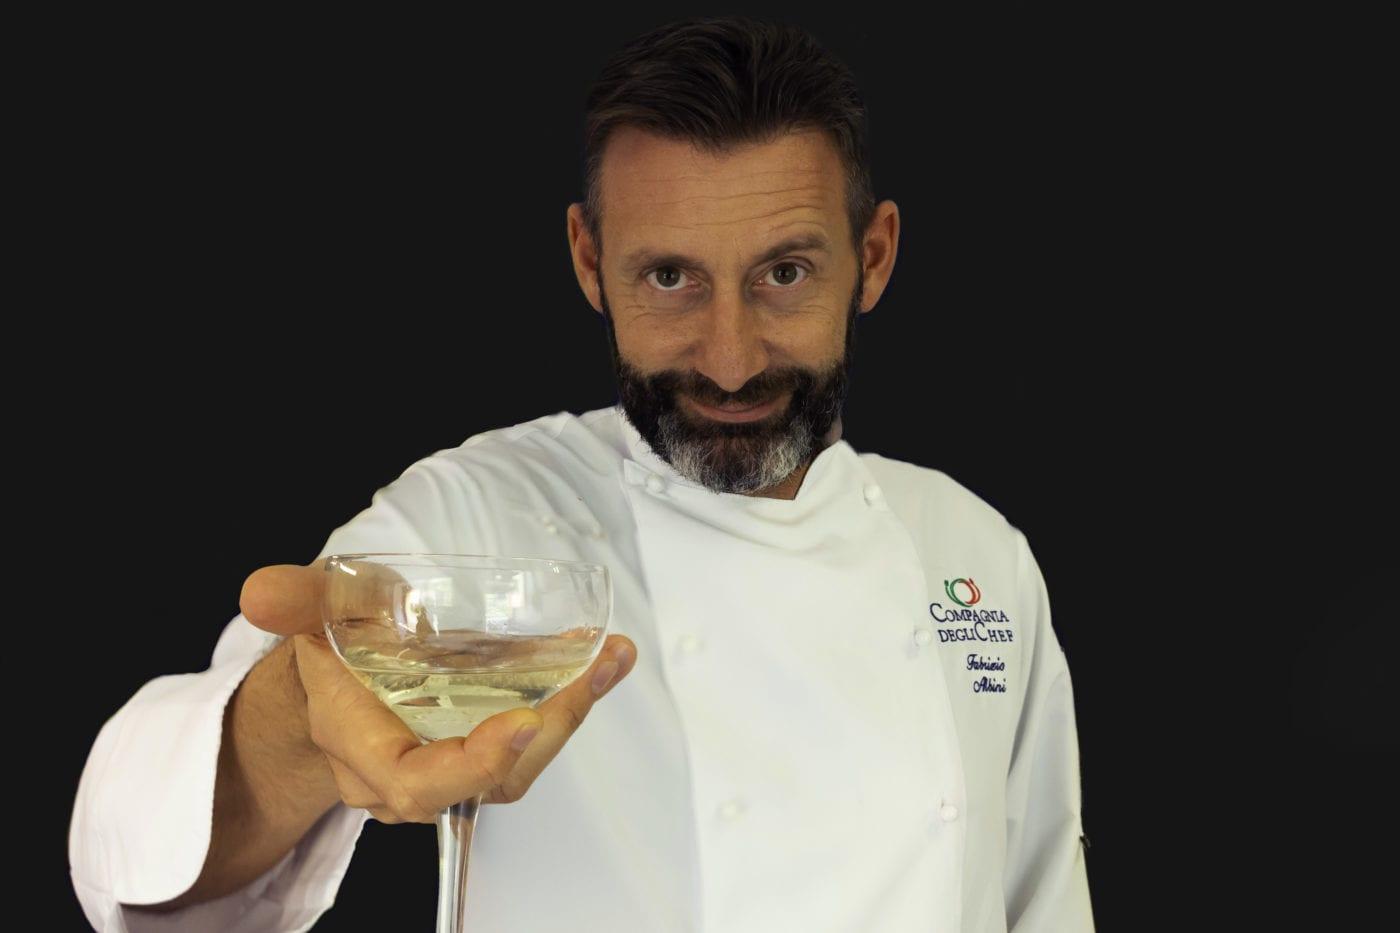 Fabrizio Albini